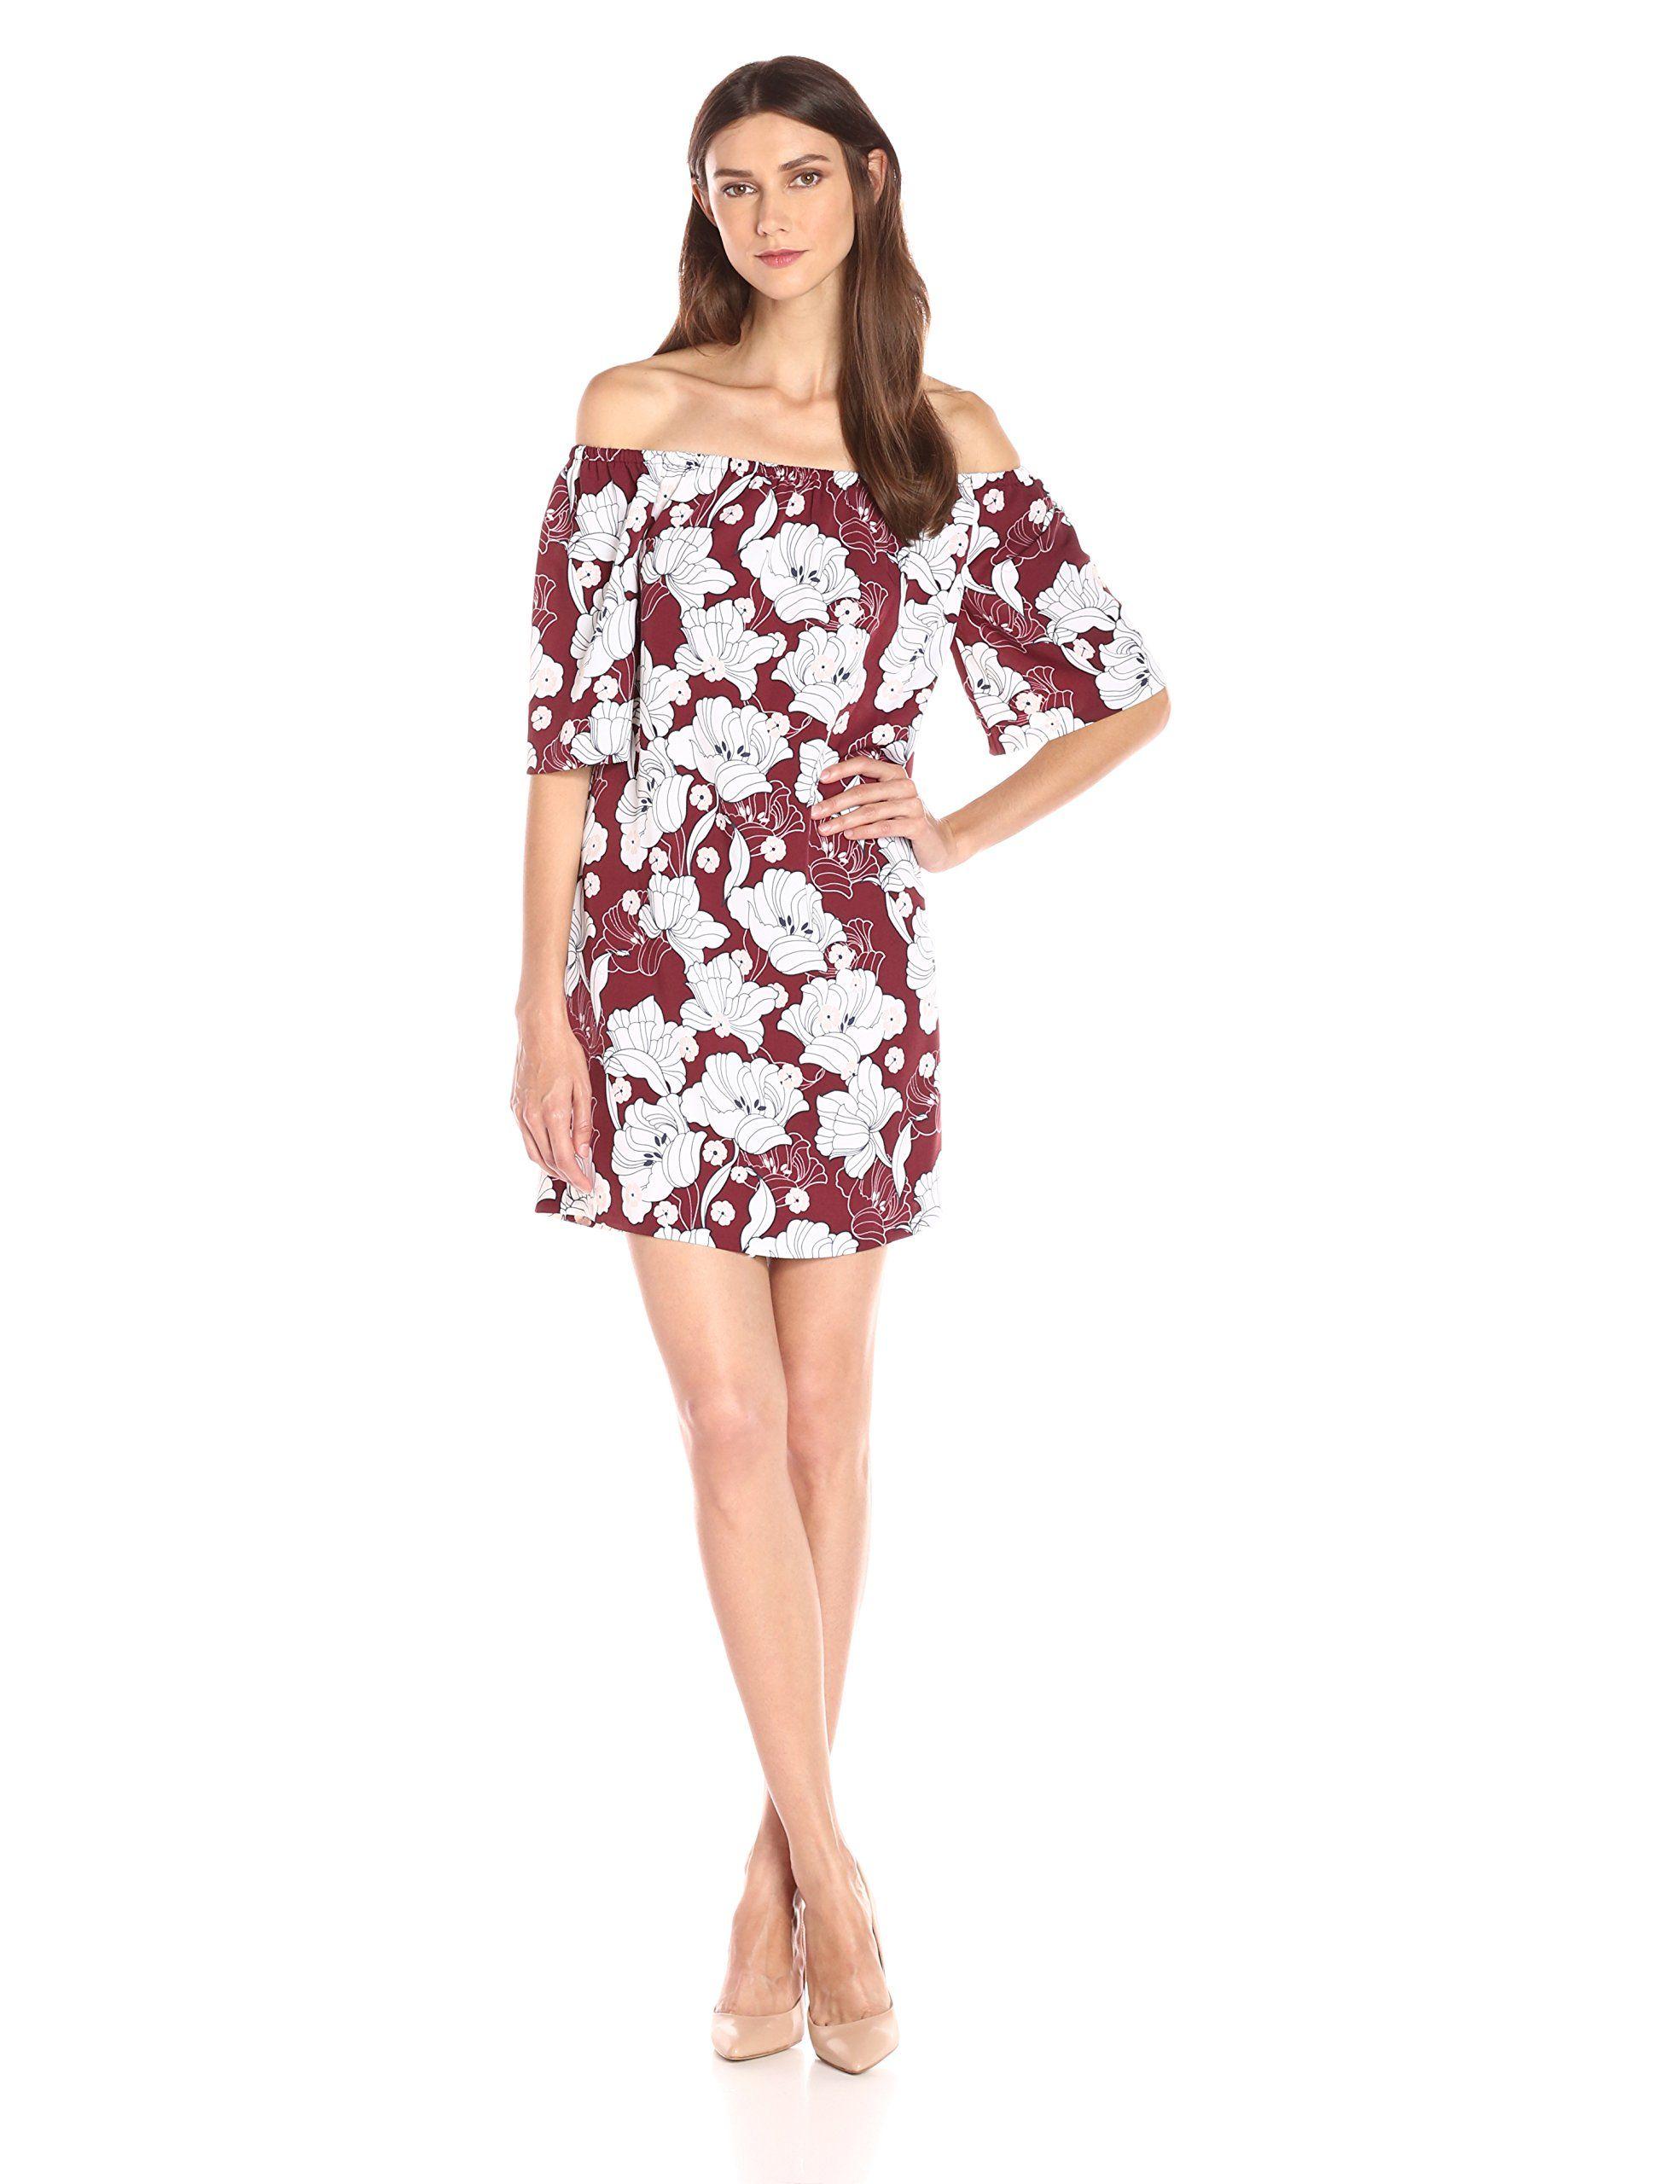 1e6fdf0d0231 Kensie Women s Hippy Floral Printed Dress. Off-the shoulder design. Floral  design. Lightweight.